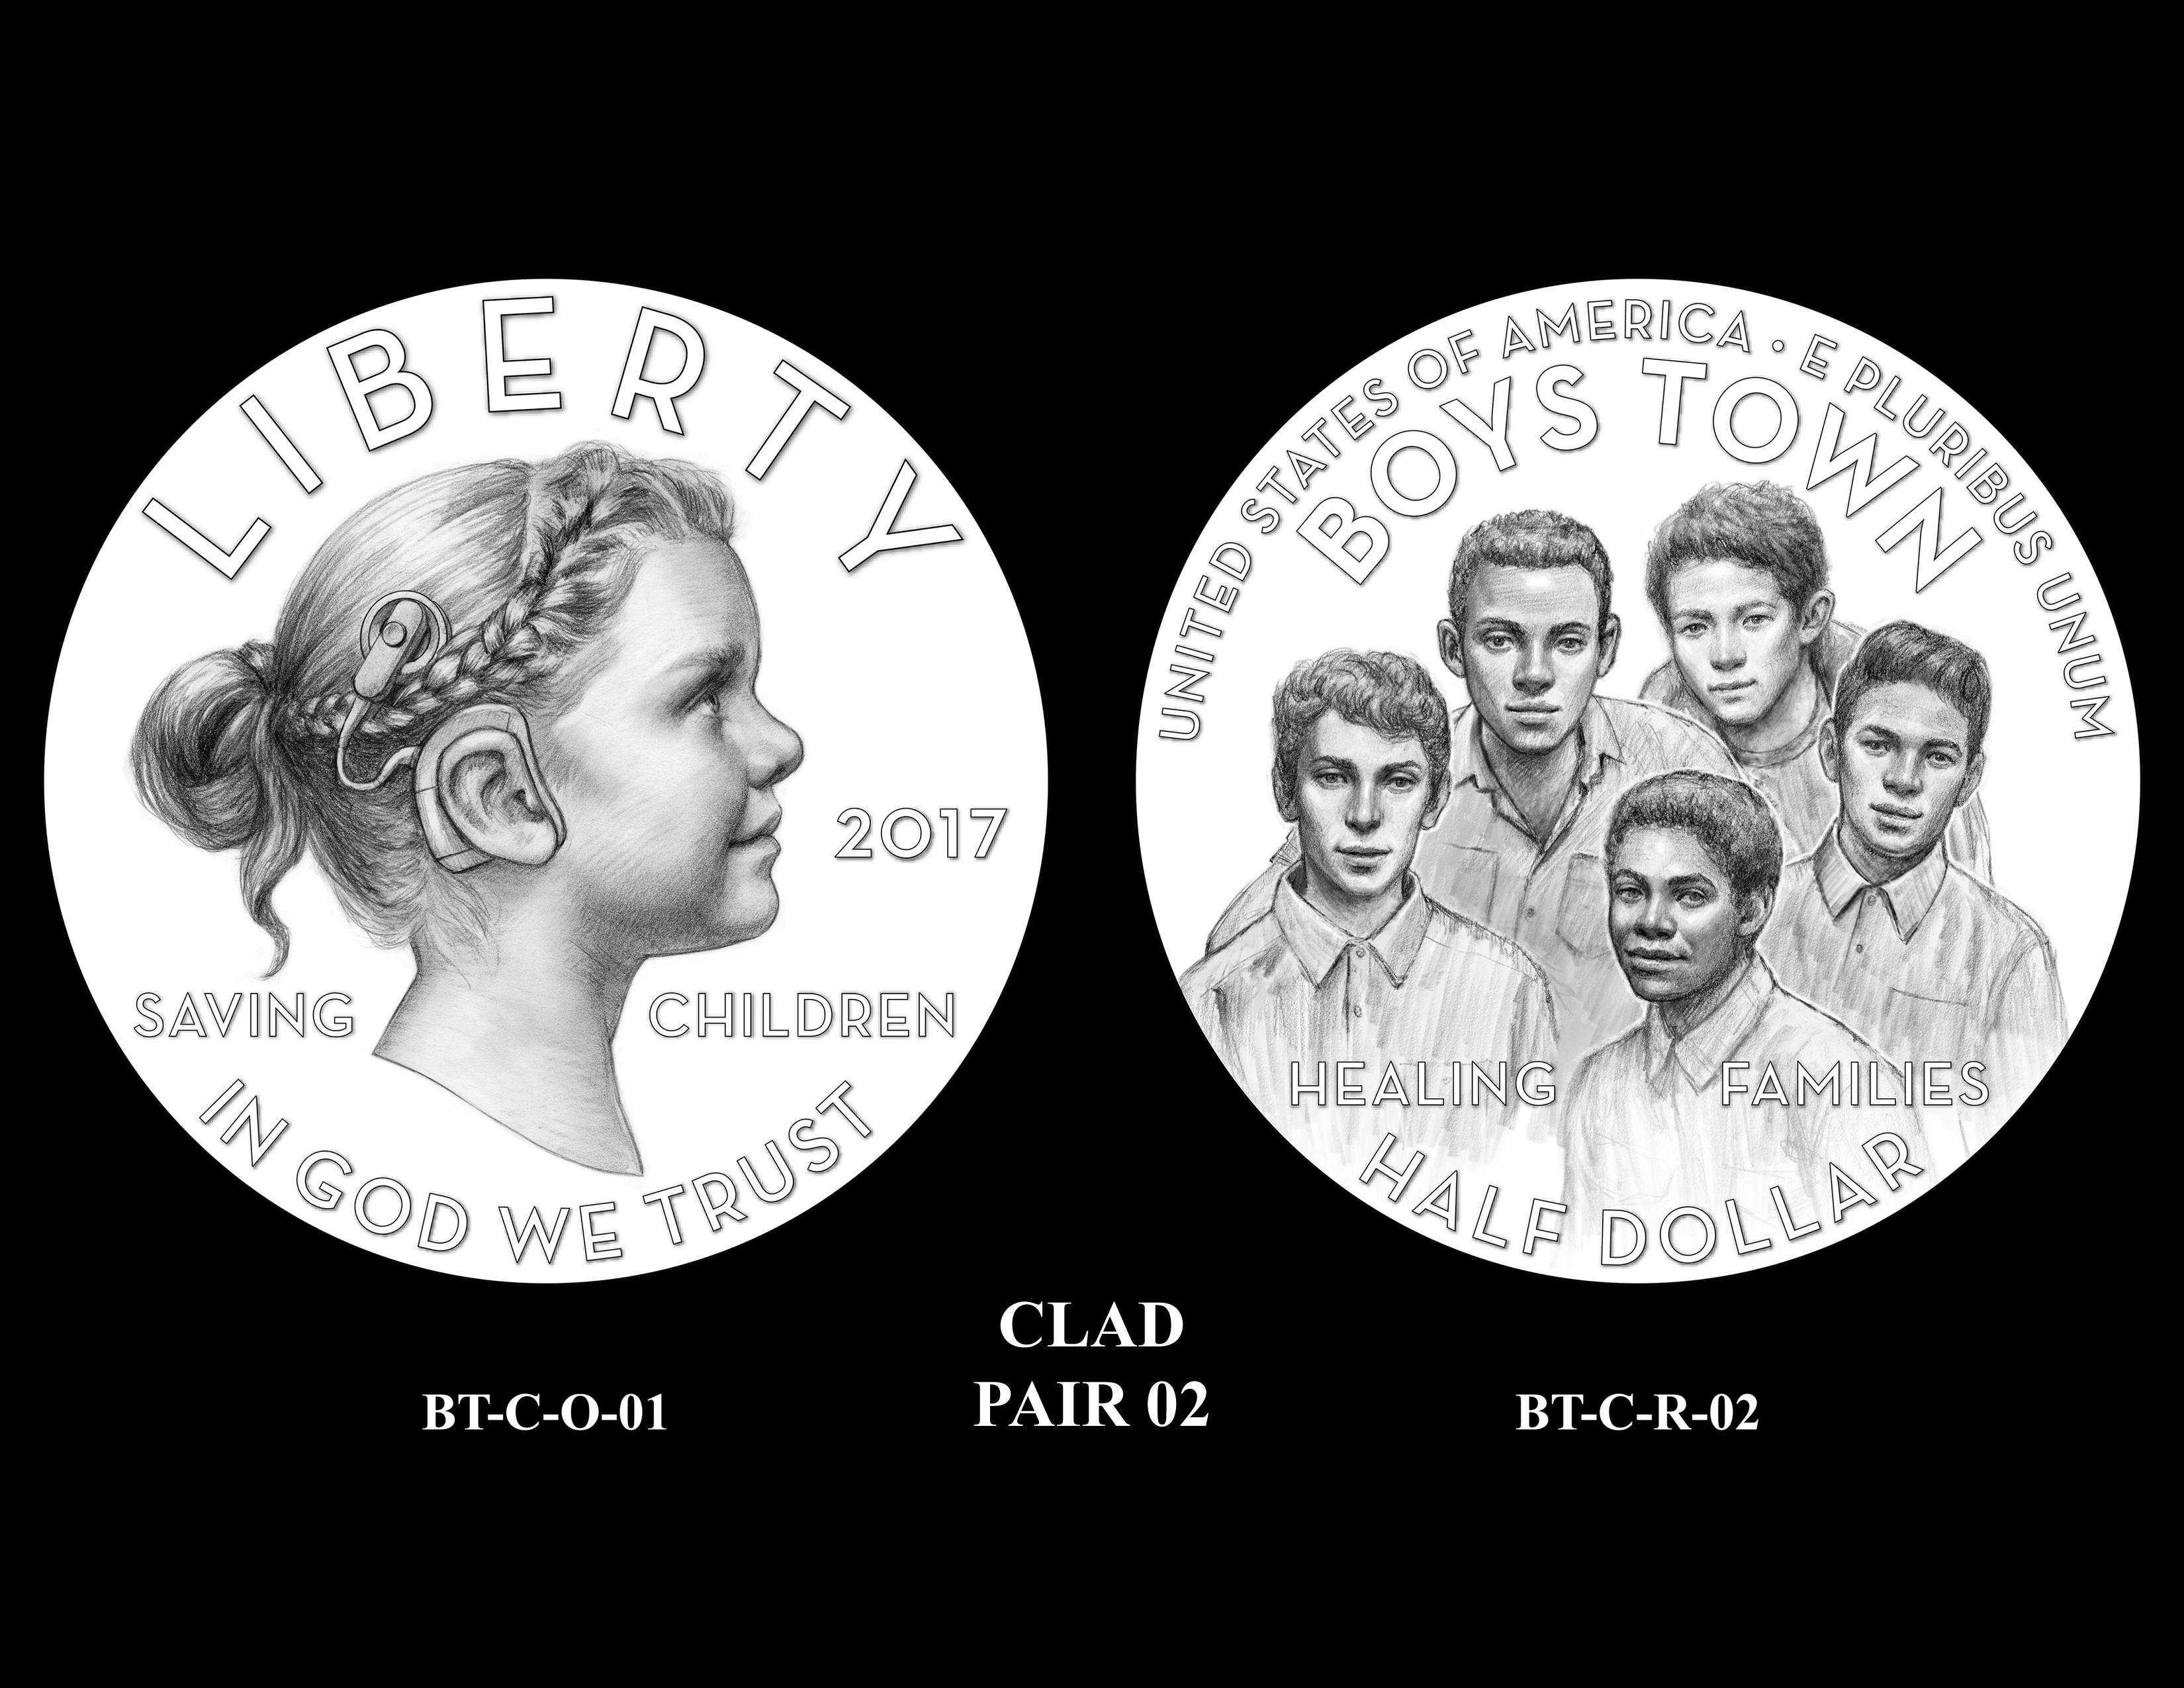 clad-pair-02_25584809812_o